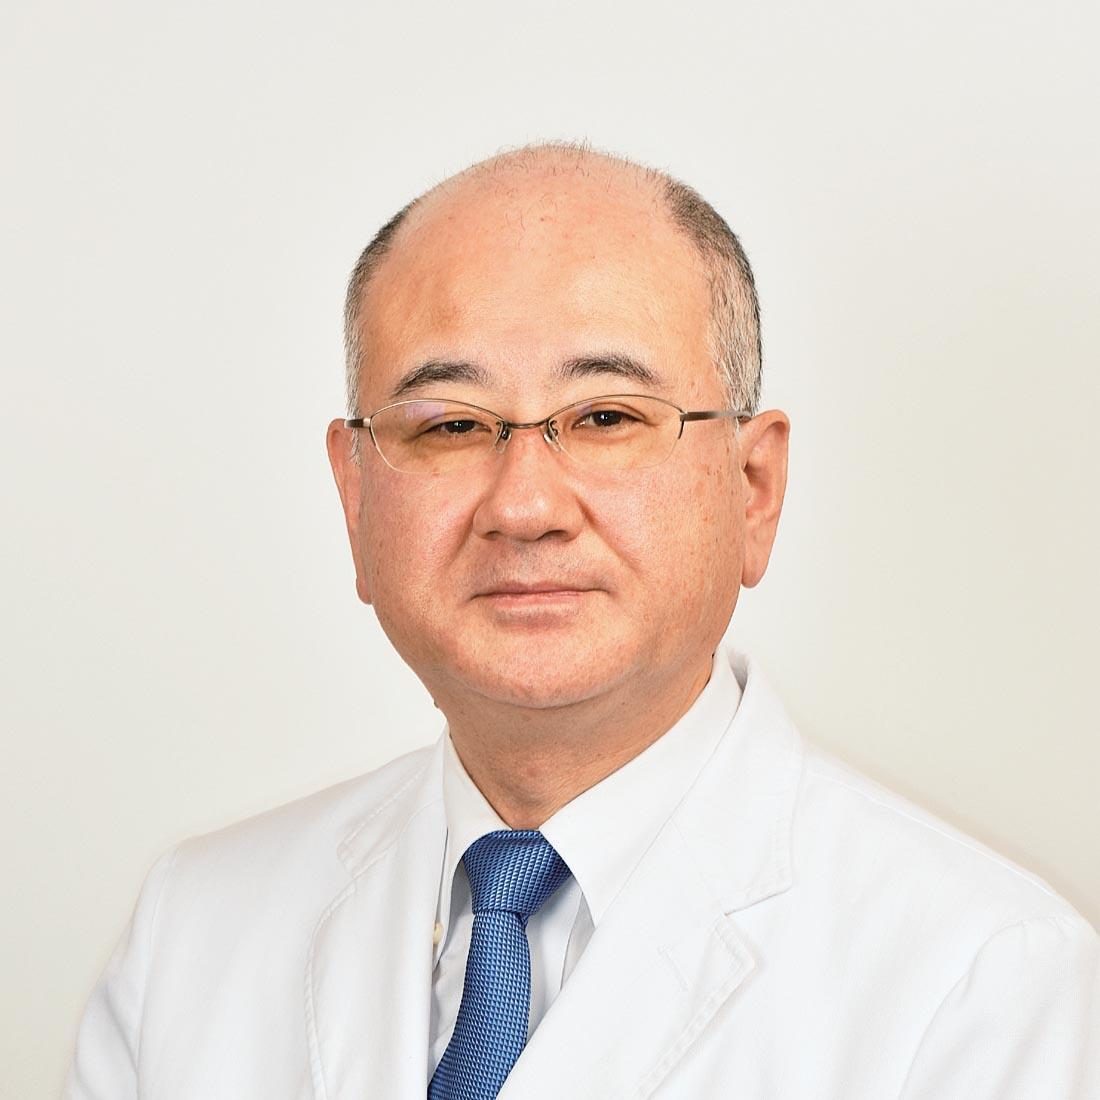 内視鏡外科手術の技術磨き 人材育成へ力を注ぐ